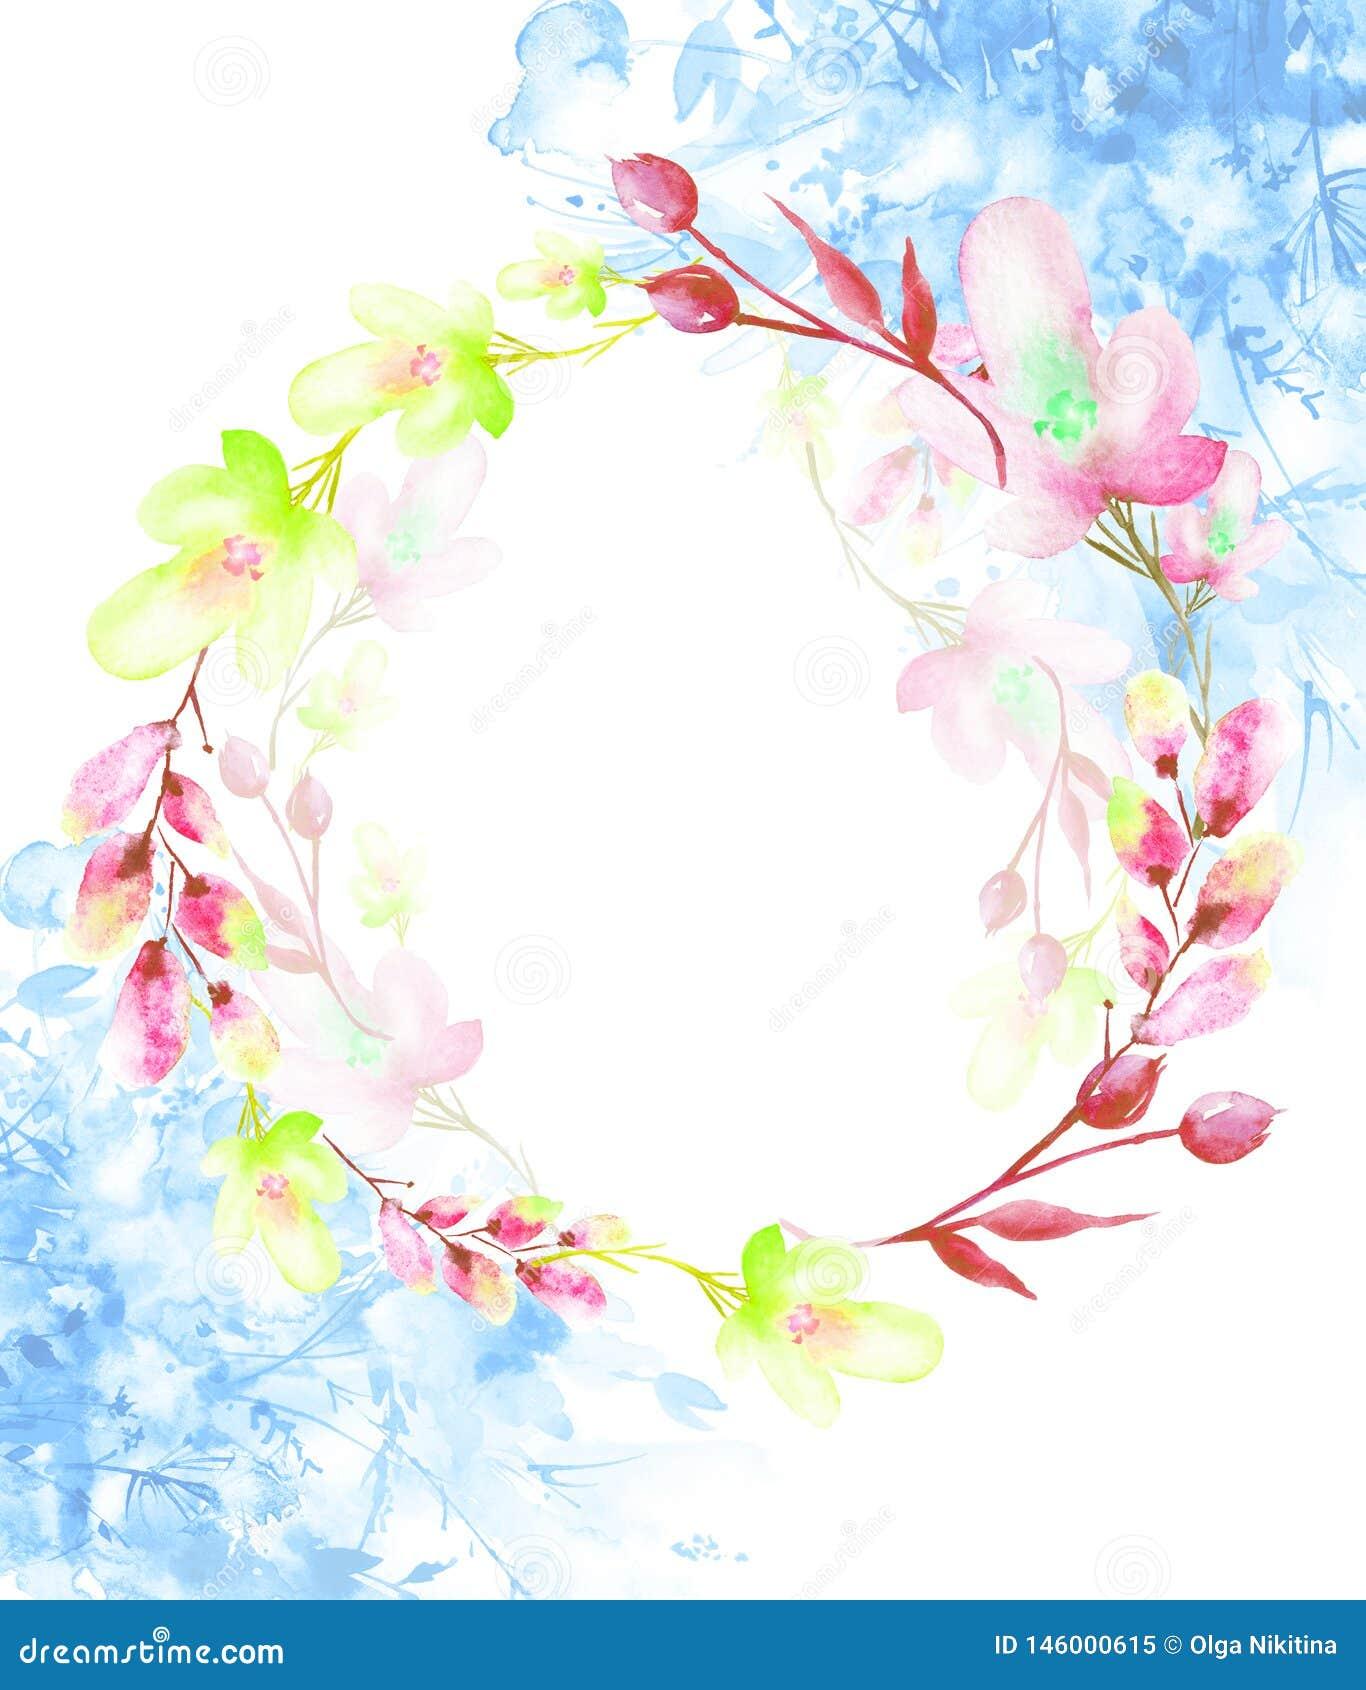 Un cadre rond d aquarelle, une carte postale, une guirlande des fleurs, brindilles, usines, baies Illustration de cru Utilisation